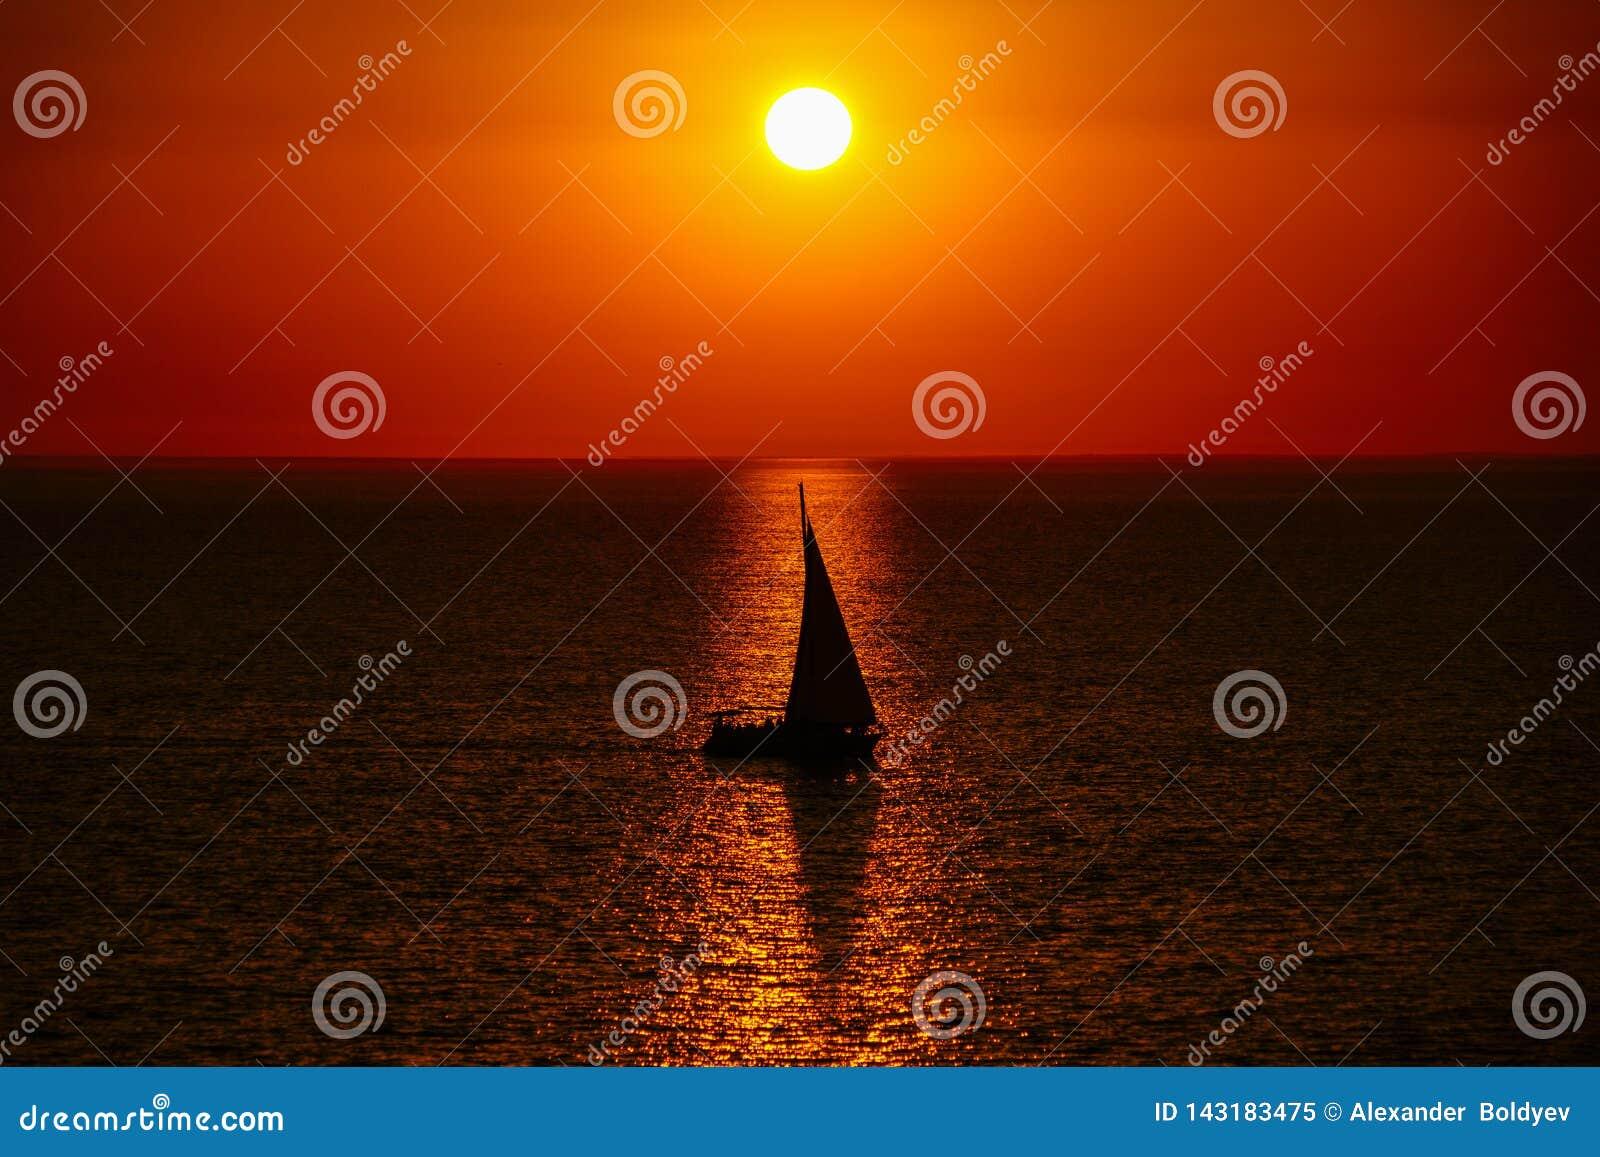 Πλέοντας γιοτ στο ηλιοβασίλεμα, η σκιά sailboat στο υπόβαθρο του χρυσού ηλιοβασιλέματος και αντανάκλαση